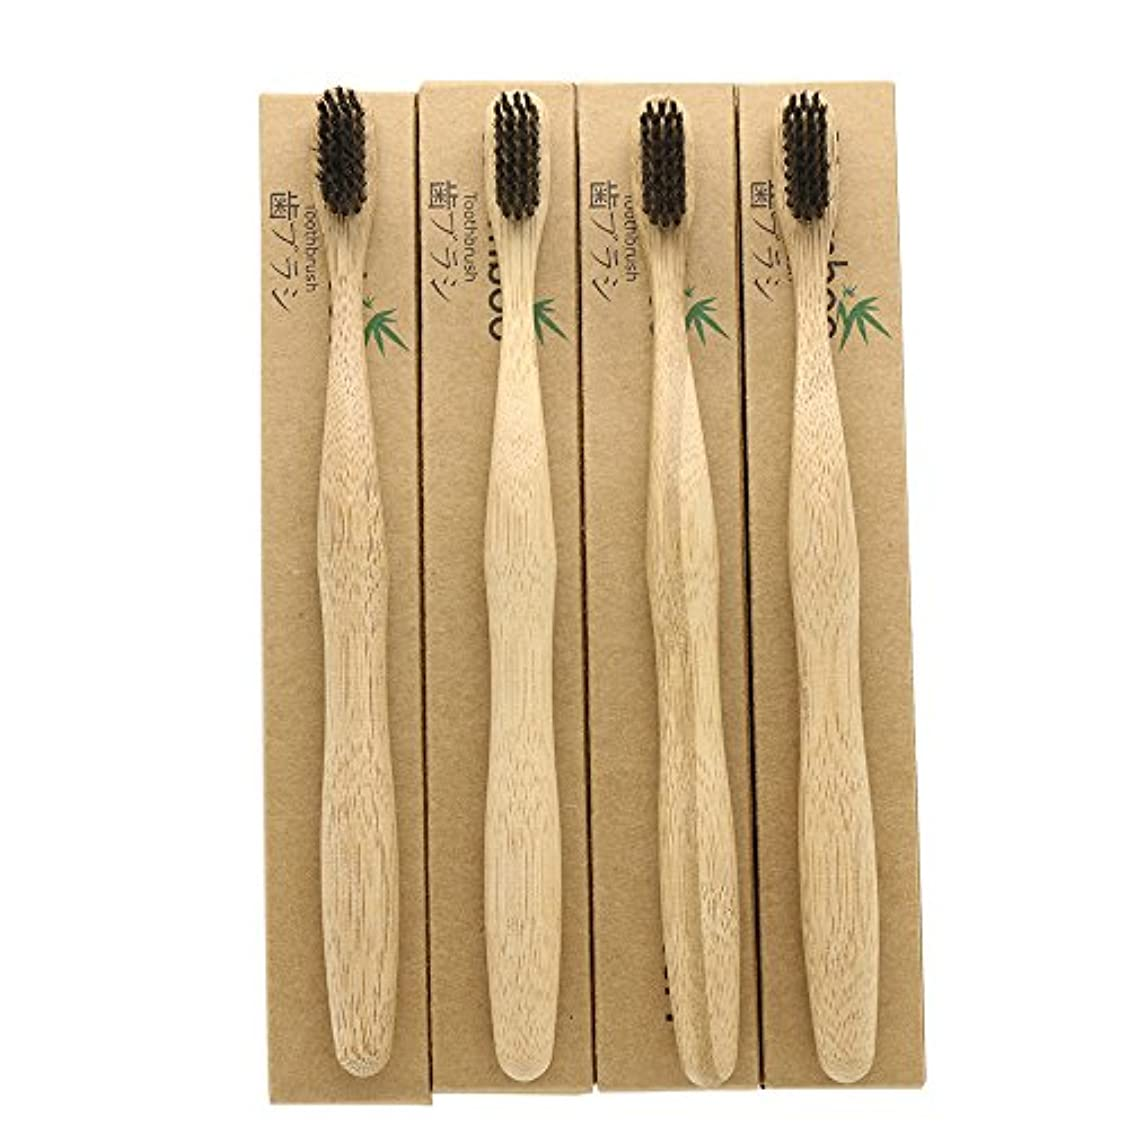 ディンカルビル効能あるエジプト人N-amboo 竹製耐久度高い 歯ブラシ  黒い ハンドル大きい  4本入りセット